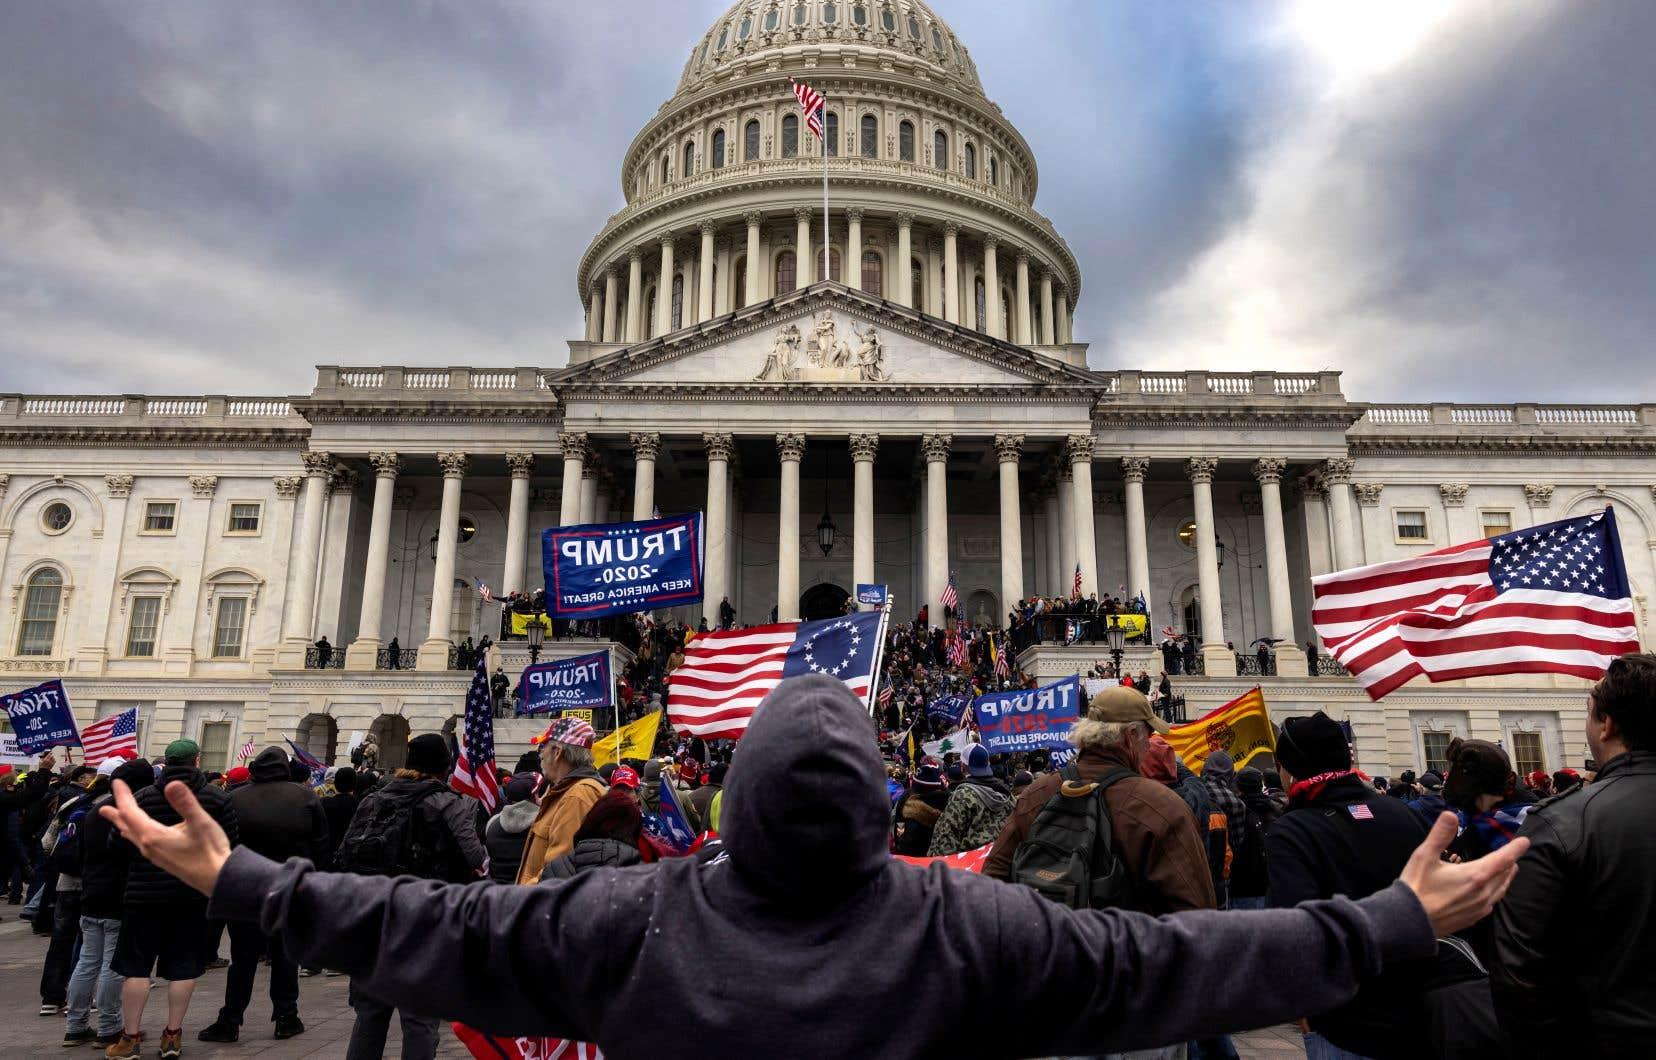 Certains «pourraient avoir été galvanisés par l'intrusion le 6janvier» dans le Capitole, selon le ministère, en référence à l'assaut meurtrier de partisans de Donald Trump sur le siège du Congrès au moment où les élus certifiaient la victoire de son rival.